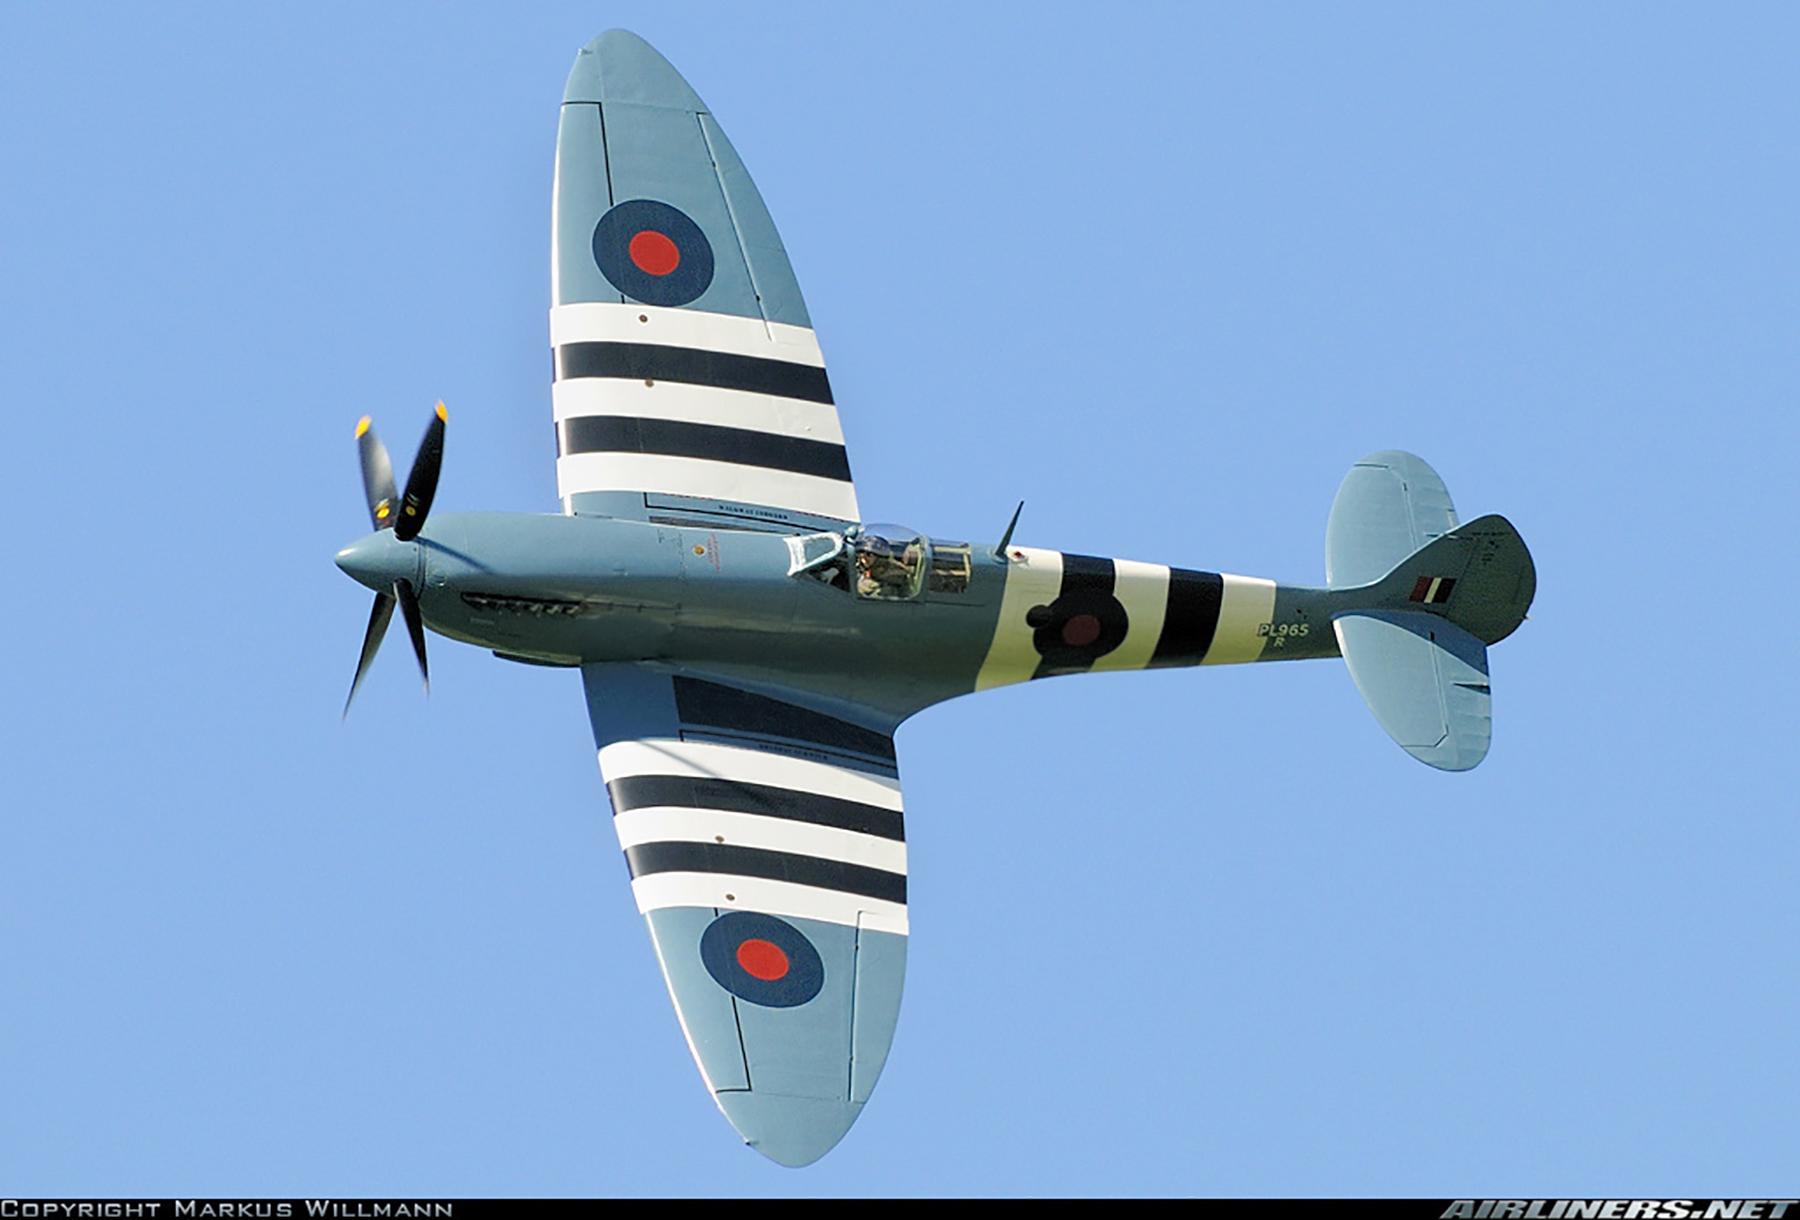 Airworthy Spitfire warbird PRXI RAF 16Sqn R PL965 14